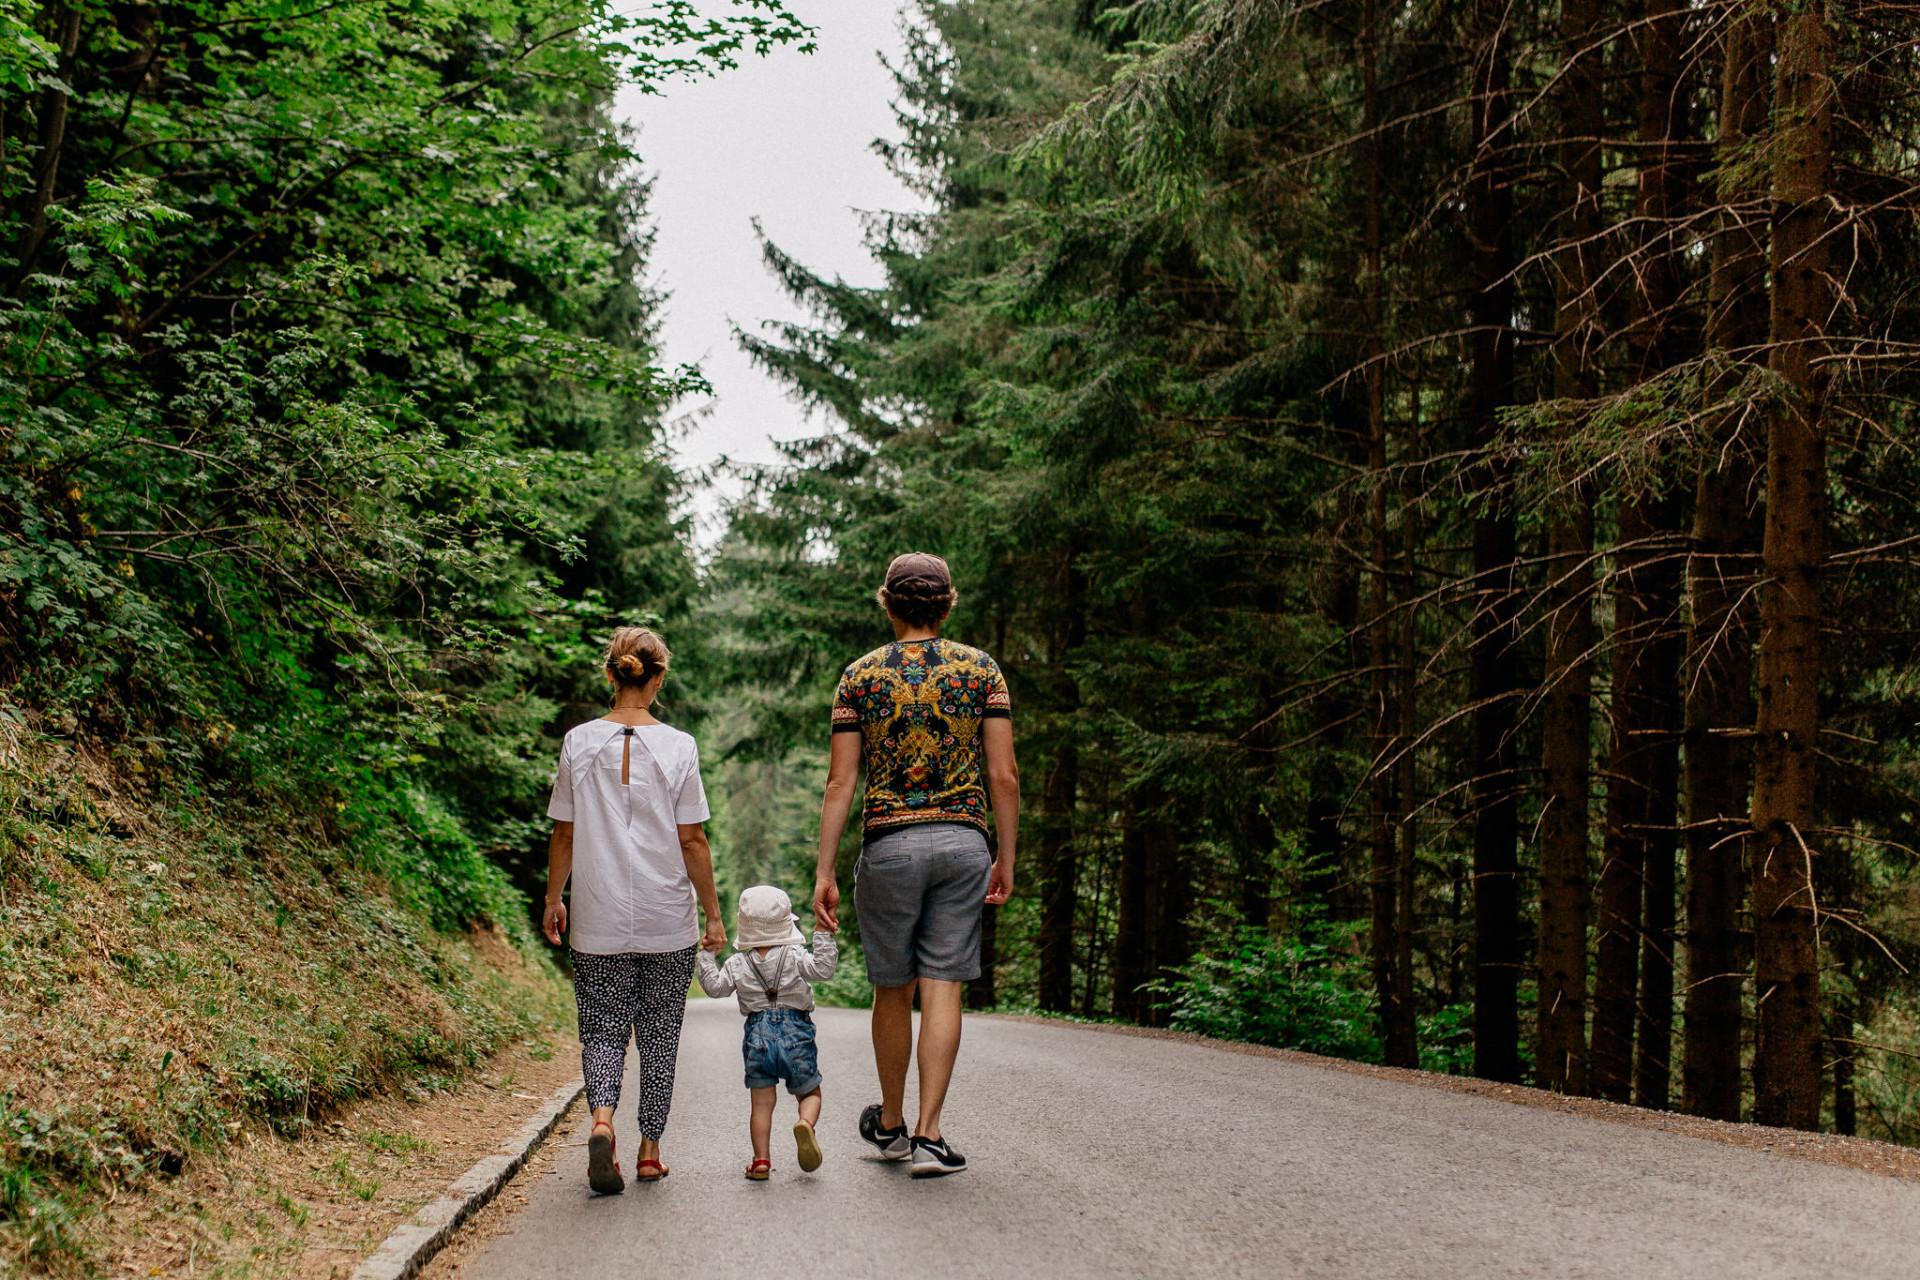 family photographer stuttgart-kindergarten kids-candid family portrait-family journal germany-austria photographer family-family trip pfaender